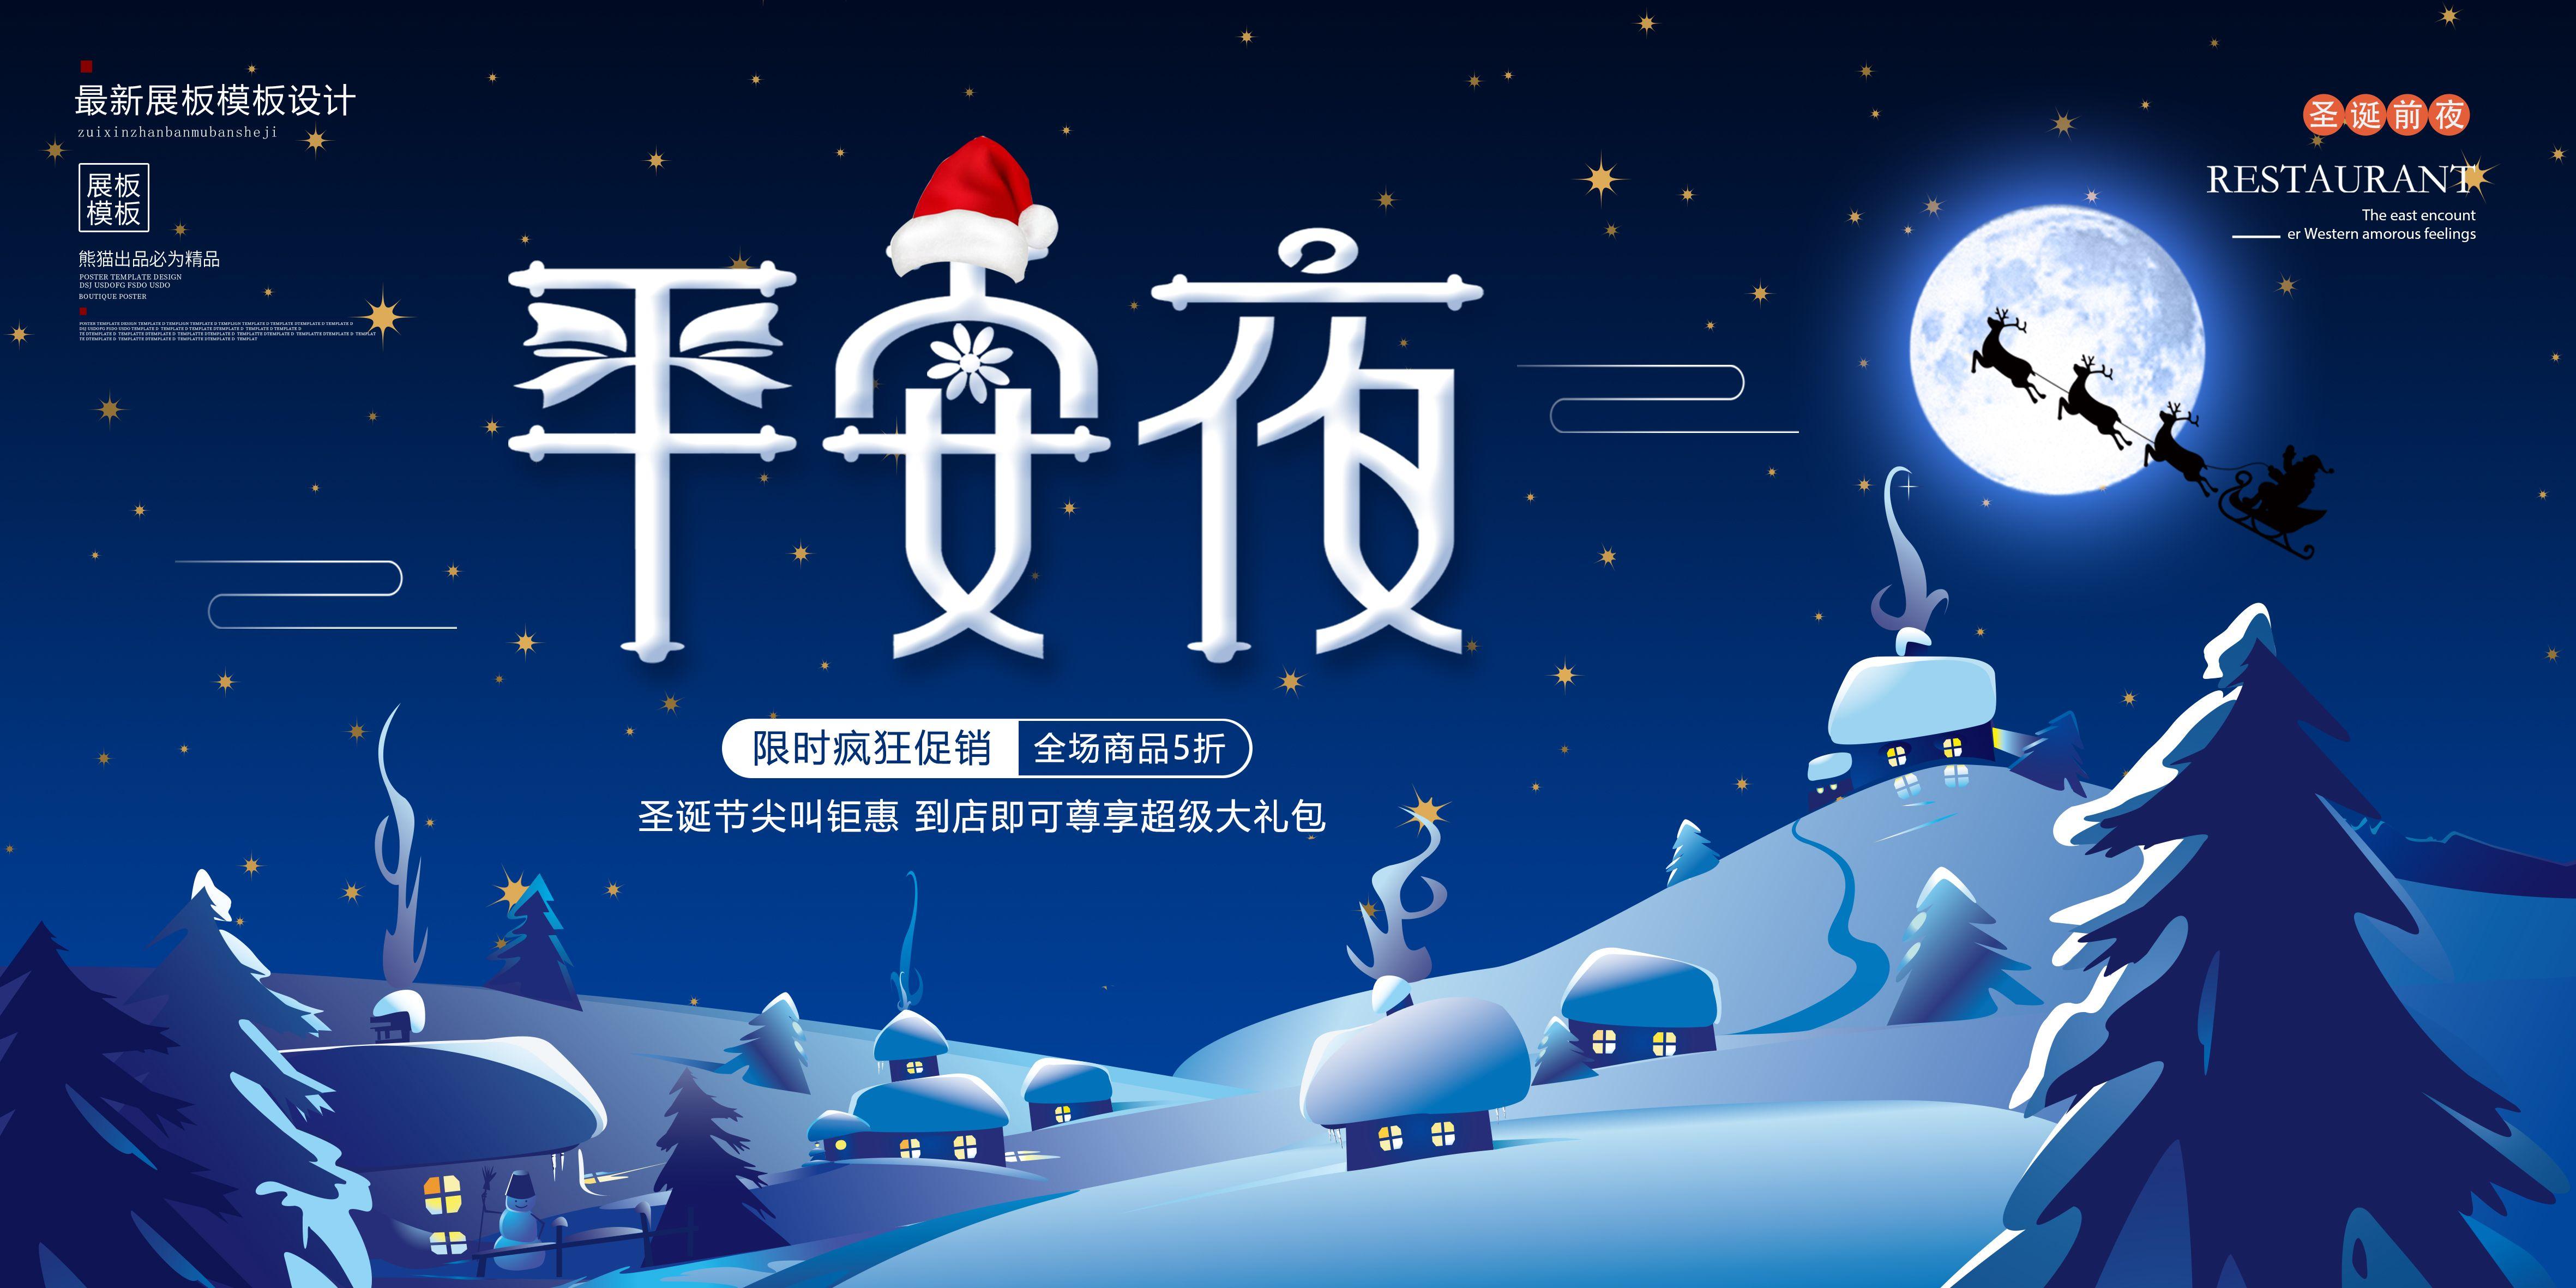 蓝色雪夜景平安夜展板圣诞元旦christmas